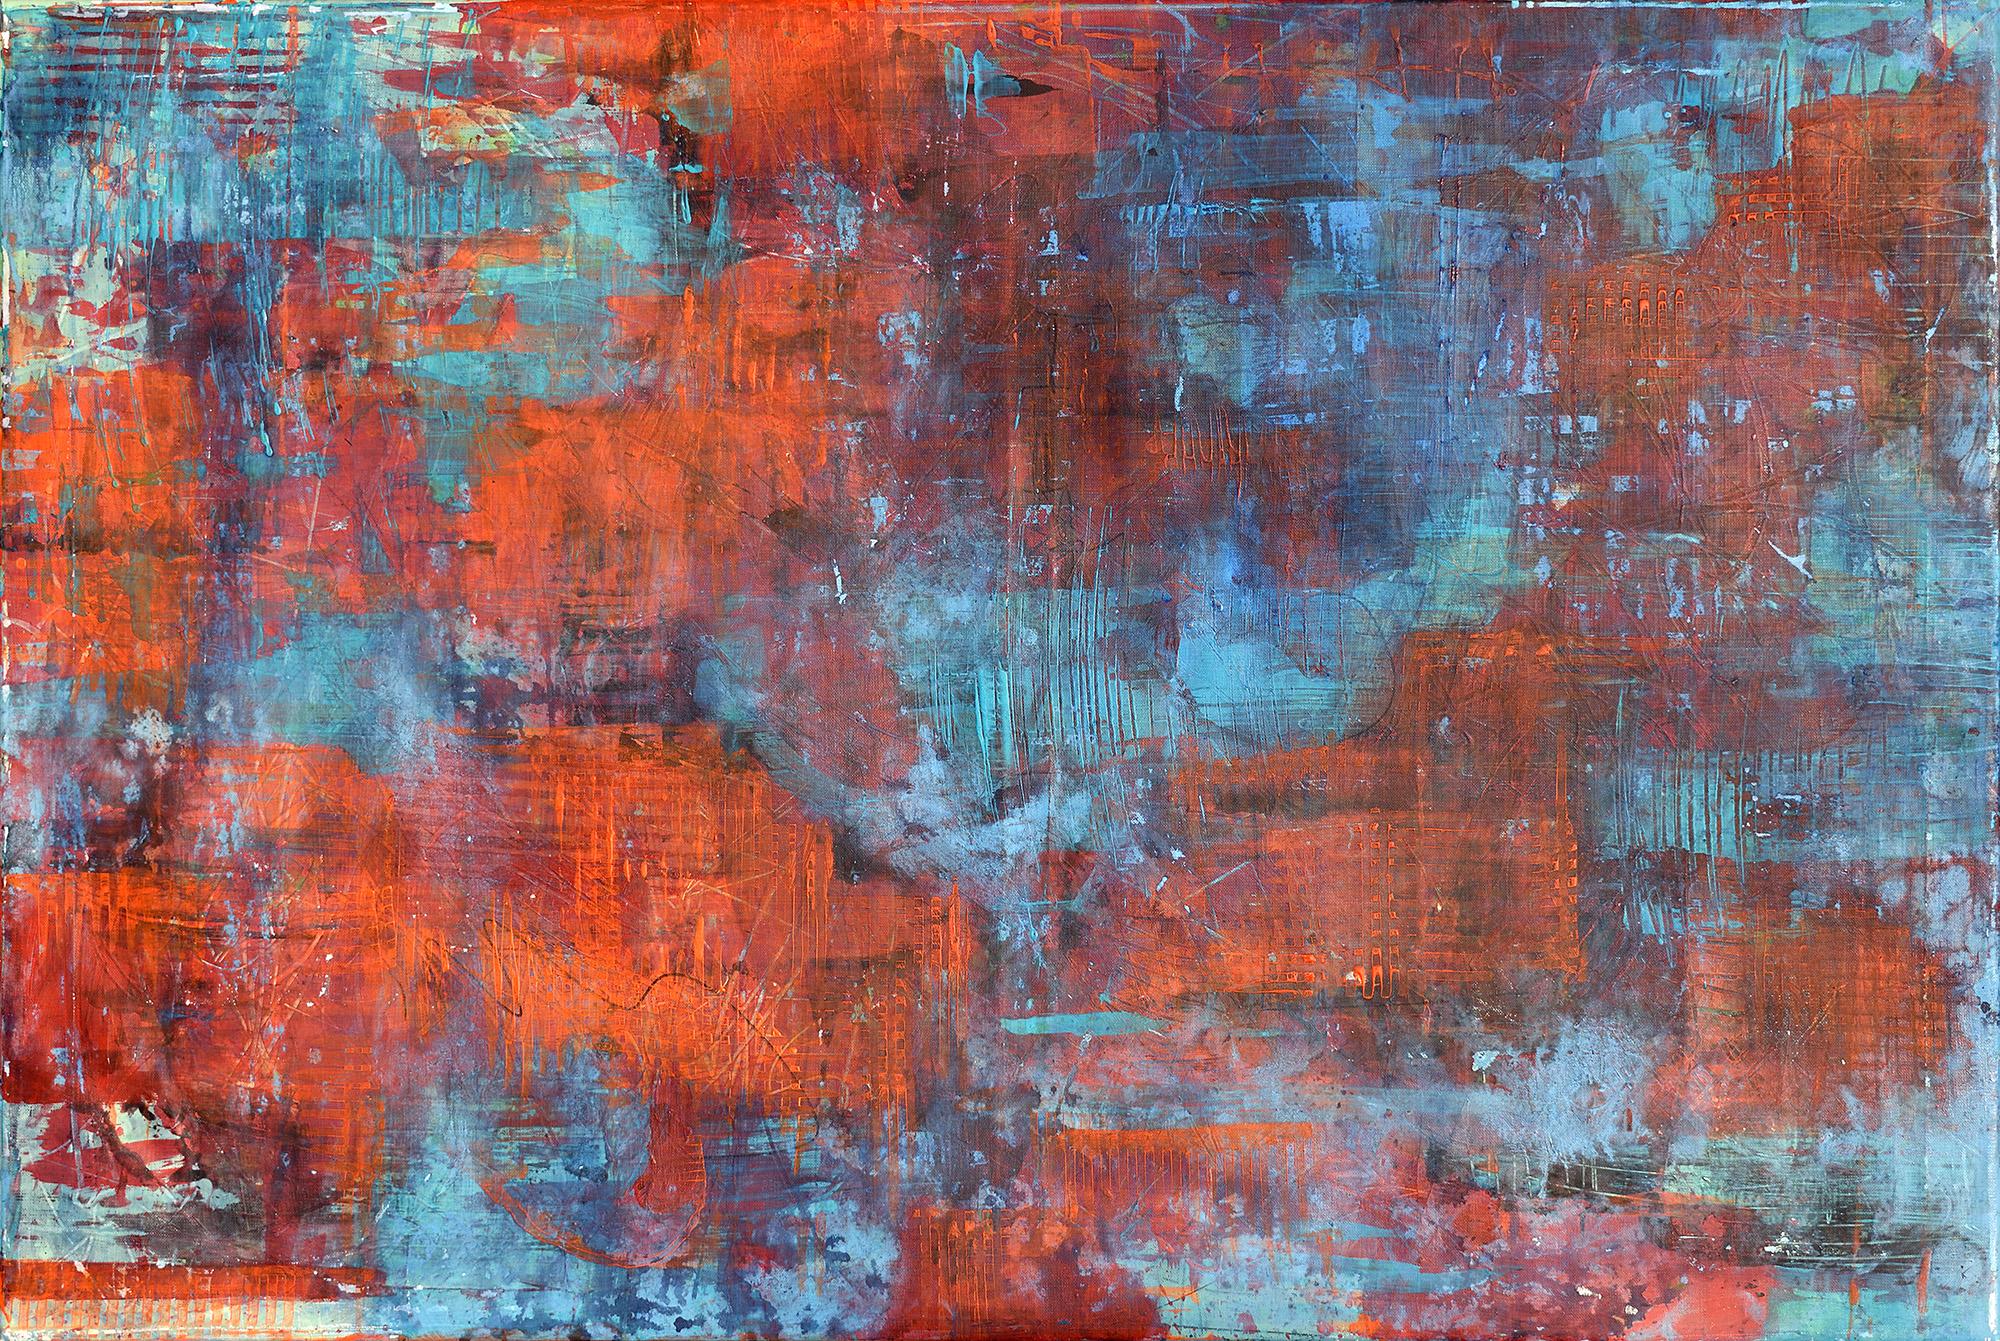 Strugatzky, Science Fiction, Wanderer, rot und blau, Draufsicht. Zeitgenössisches Gemälde von Gerhard Knell